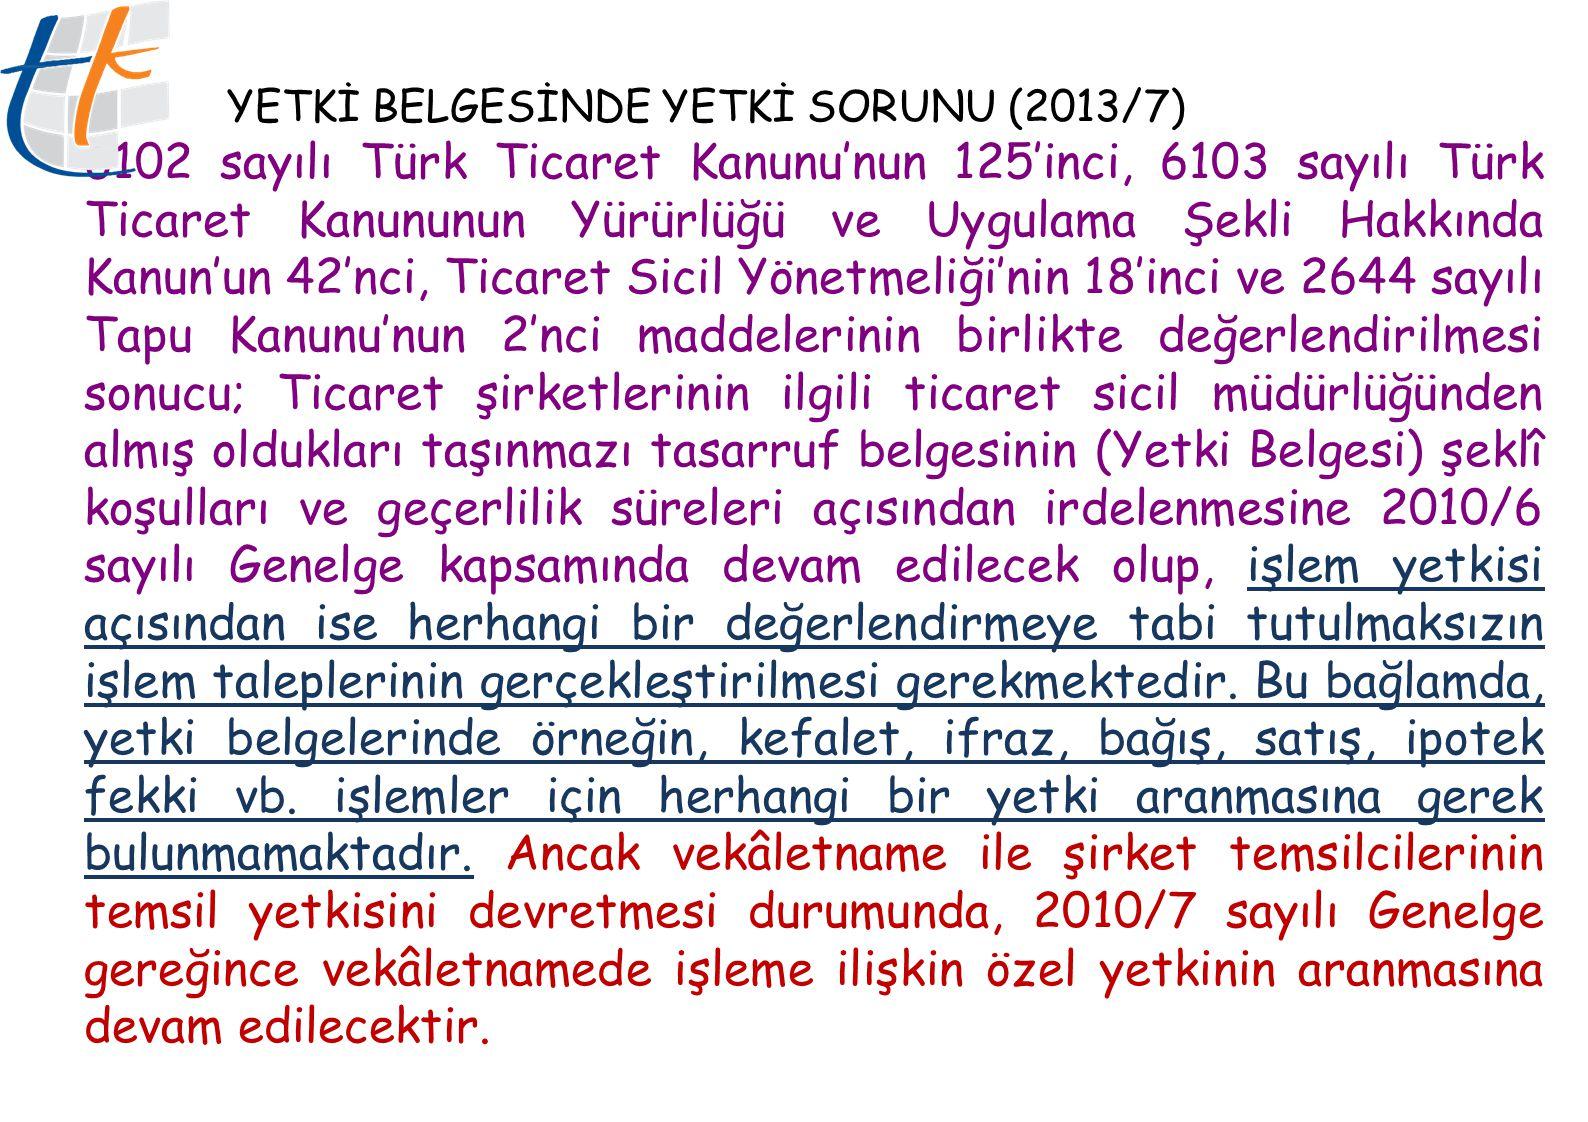 YETKİ BELGESİNDE YETKİ SORUNU (2013/7) 6102 sayılı Türk Ticaret Kanunu'nun 125'inci, 6103 sayılı Türk Ticaret Kanununun Yürürlüğü ve Uygulama Şekli Ha